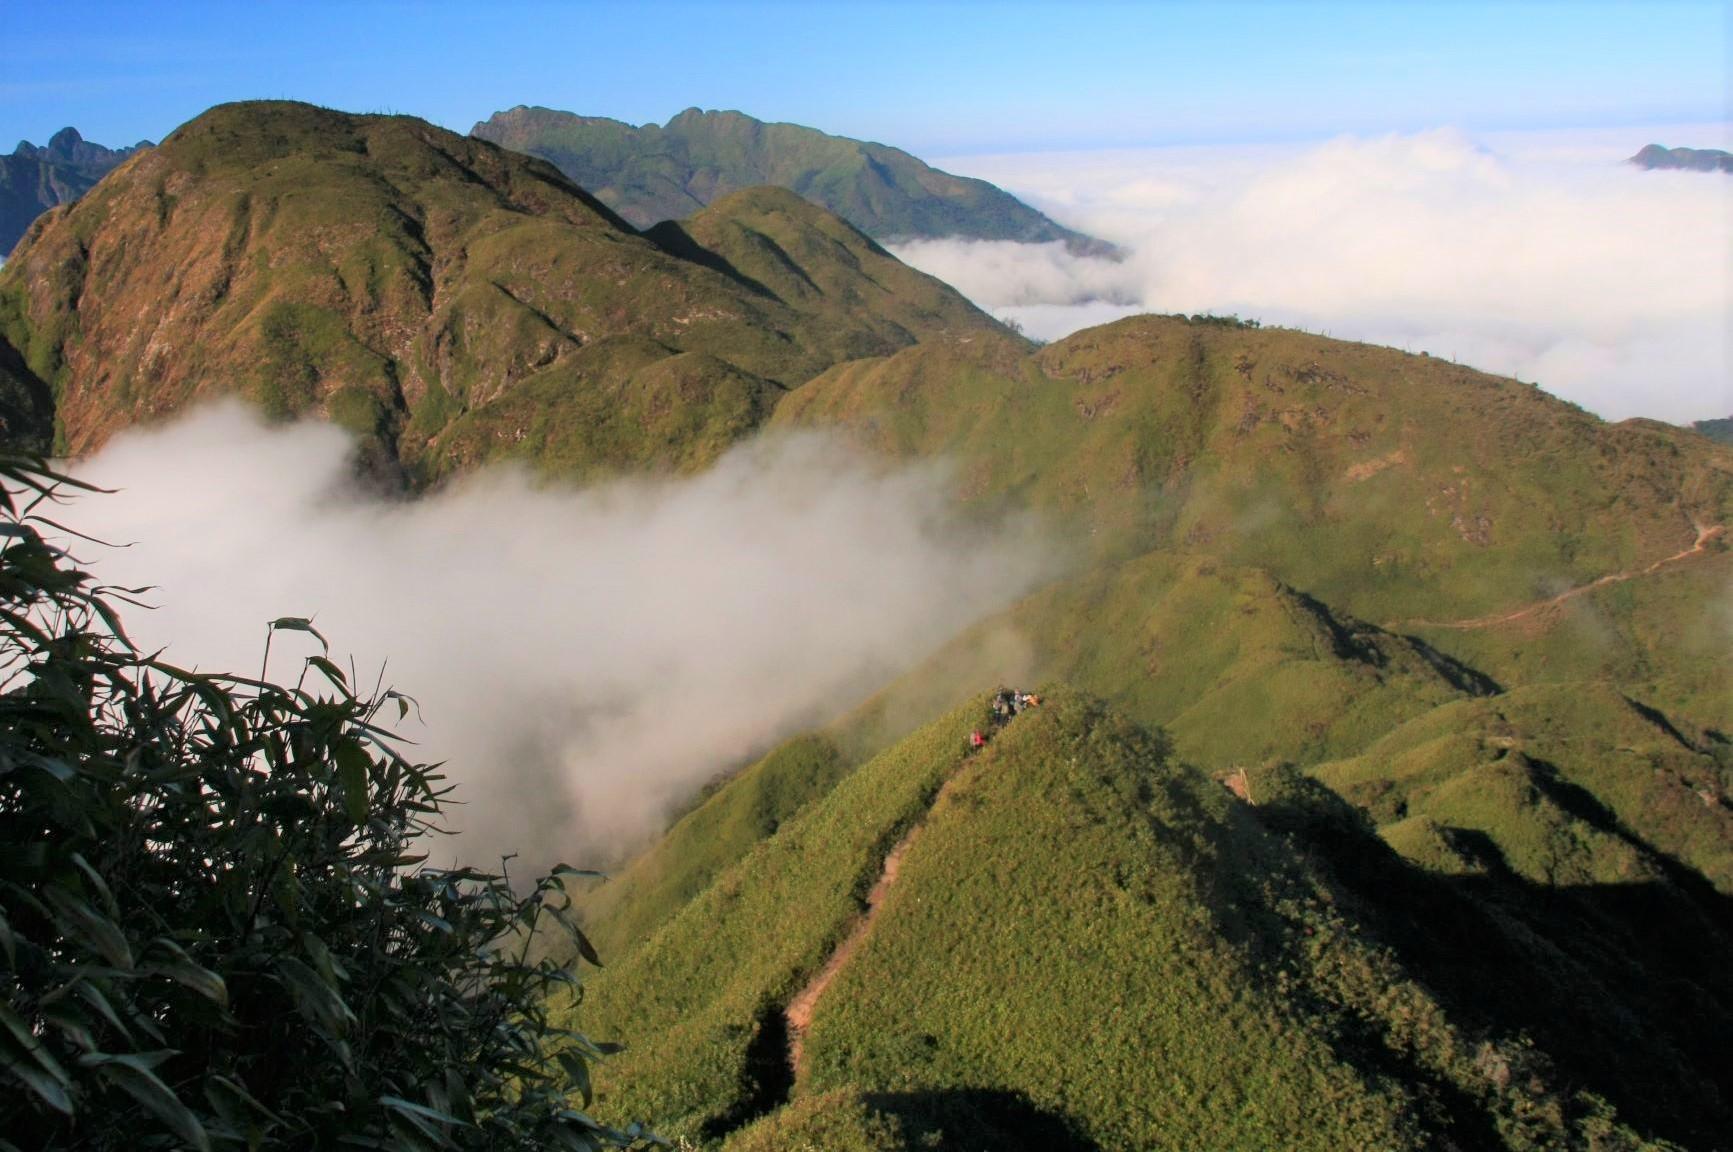 ベトナム最高峰ファンシーパン登頂とハロン湾ワンナイト・クルーズ 8日間